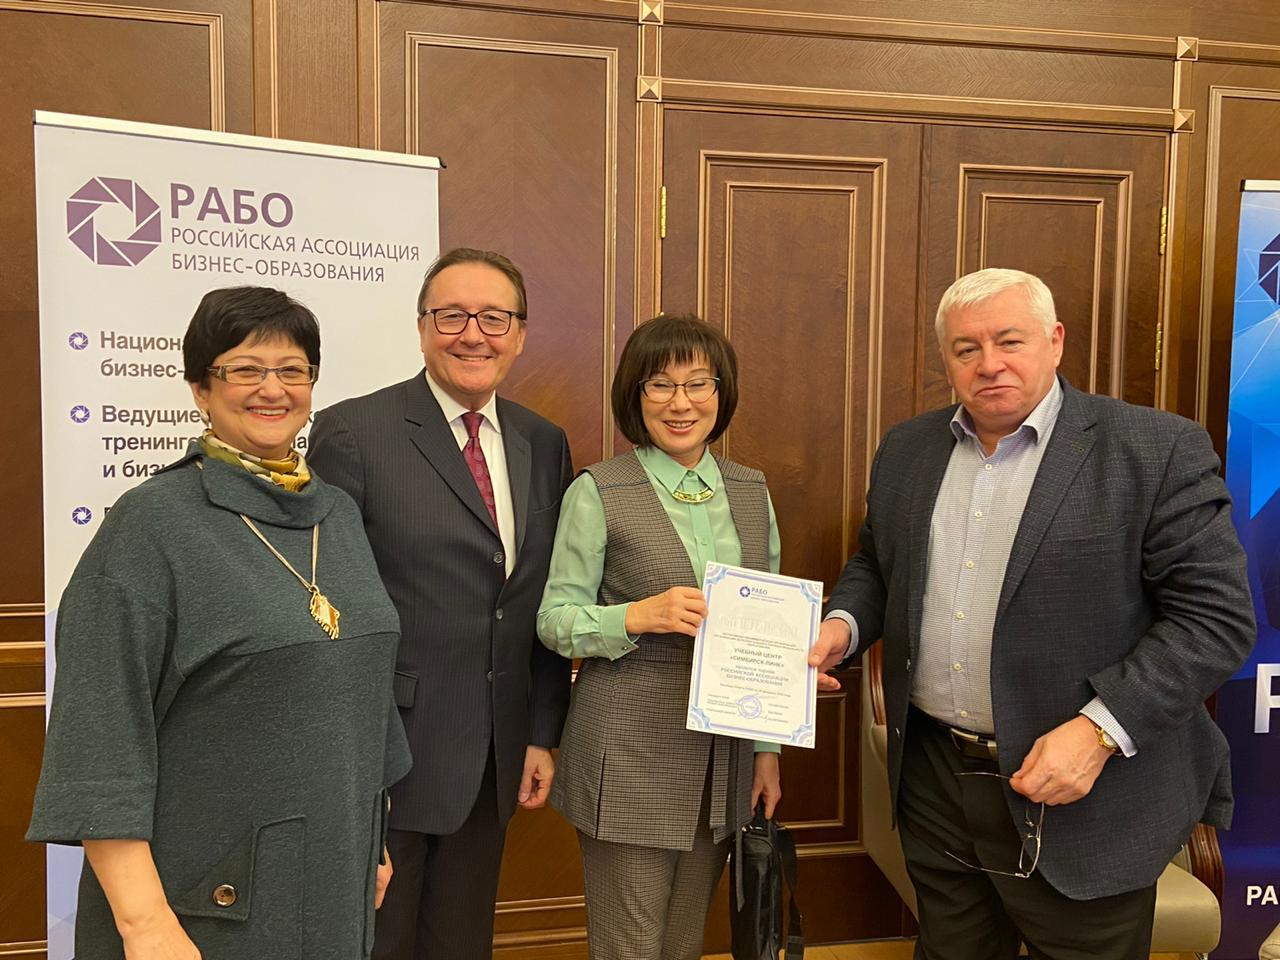 Заседание совета РАБО-2020 фото 17